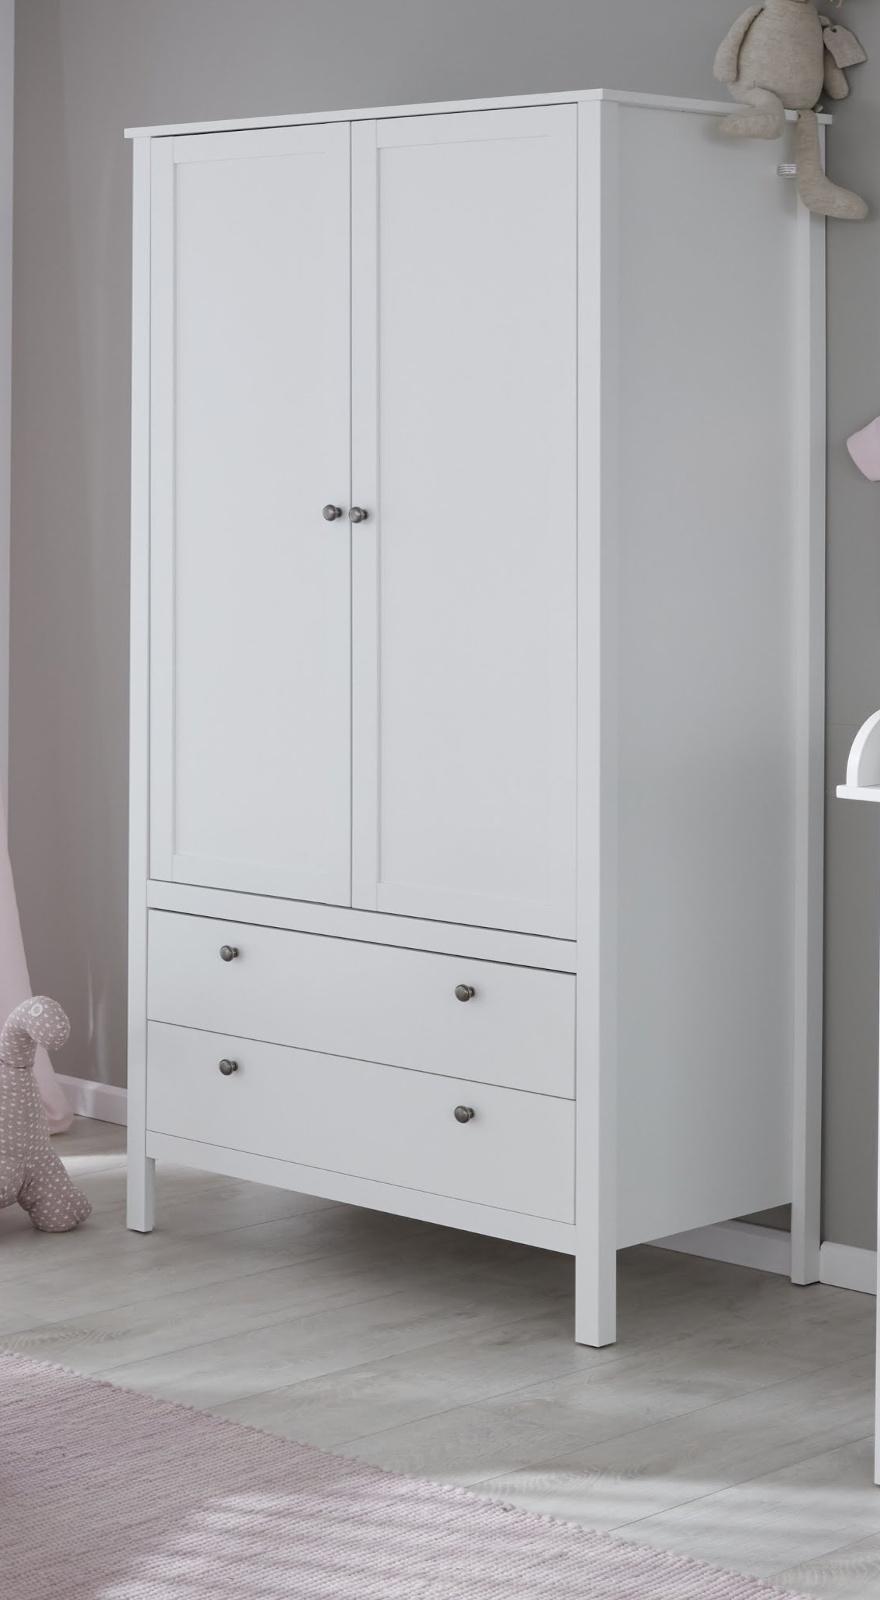 Exquisit Jugendzimmer Kleiderschrank Galerie Von Baby- Und Ole In Weiß 2-türig 91